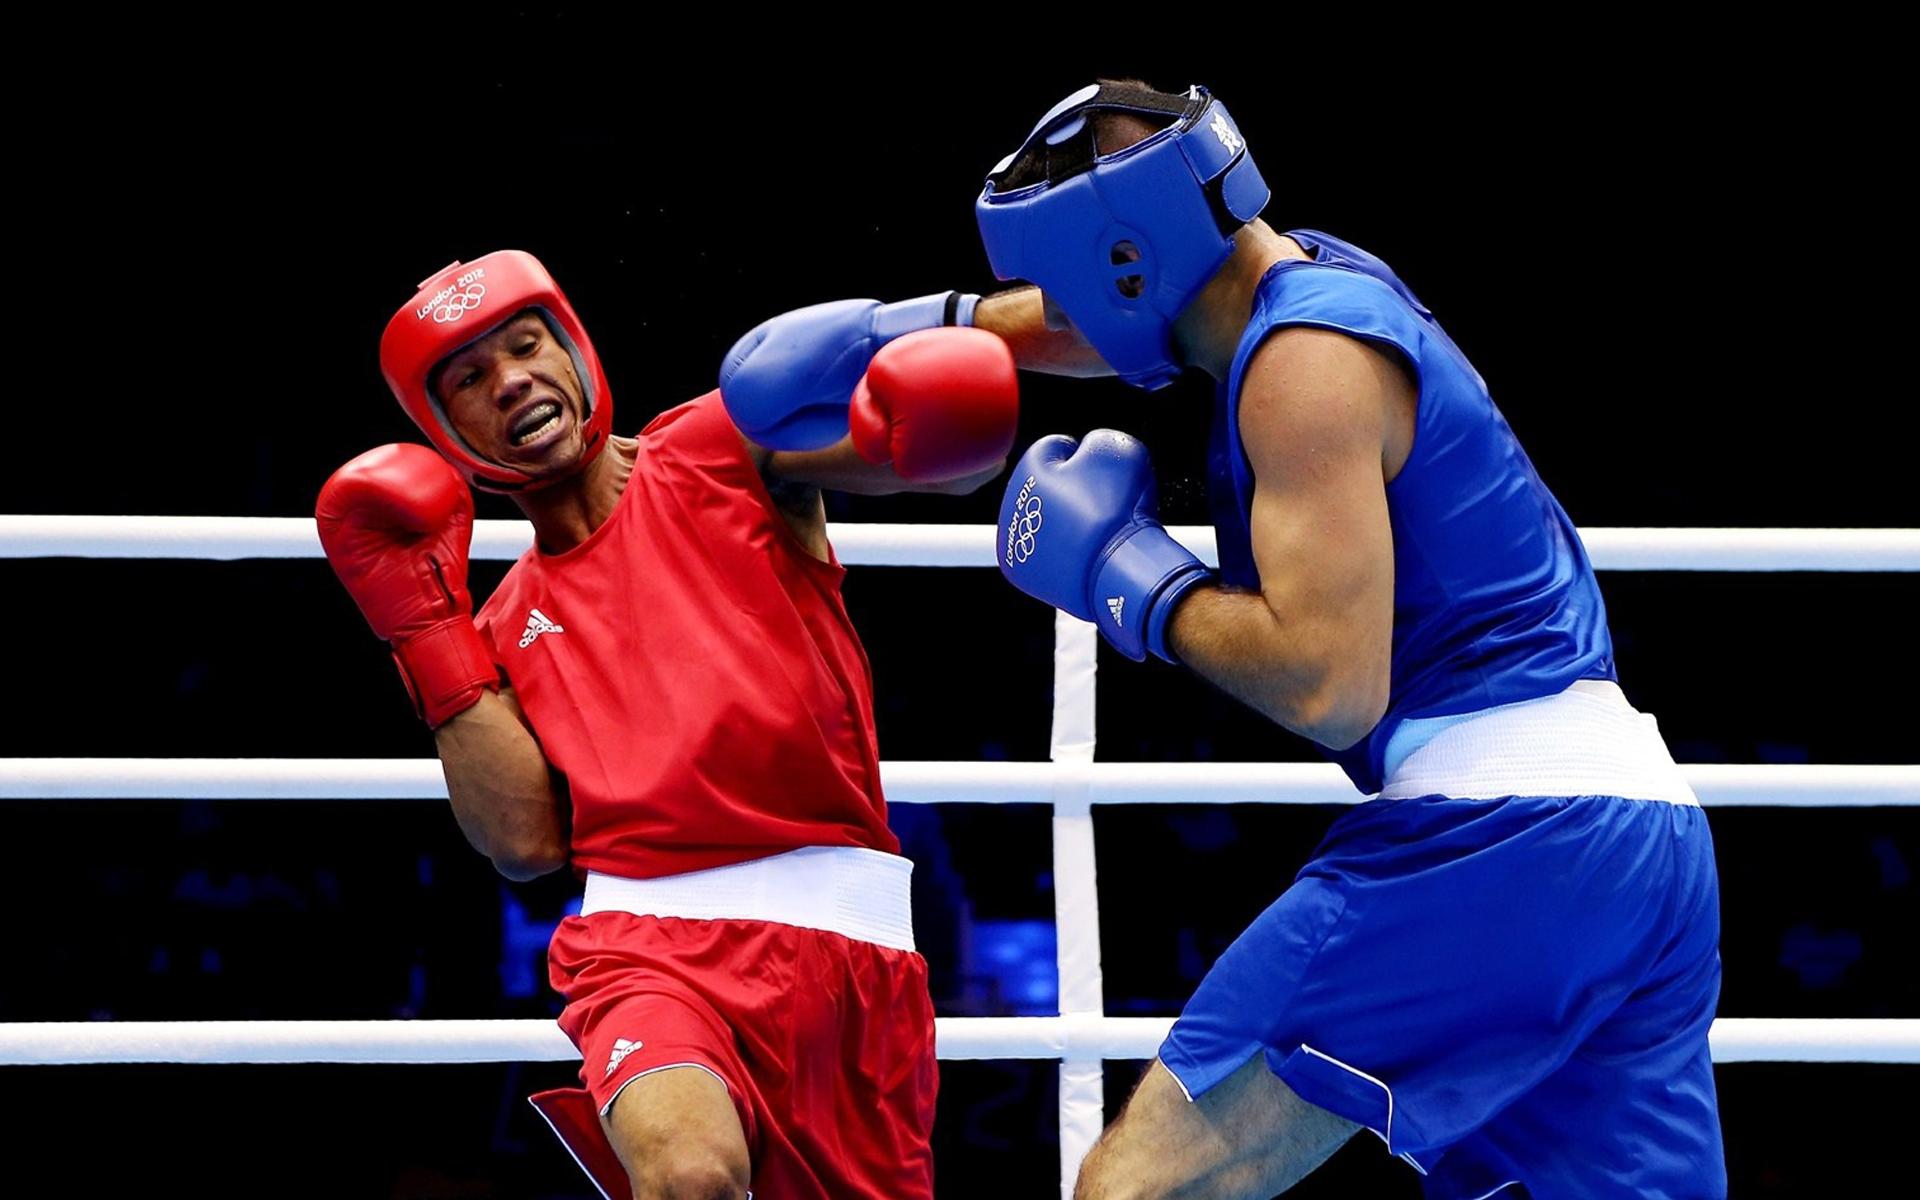 Обои для рабочего стола тема бокс